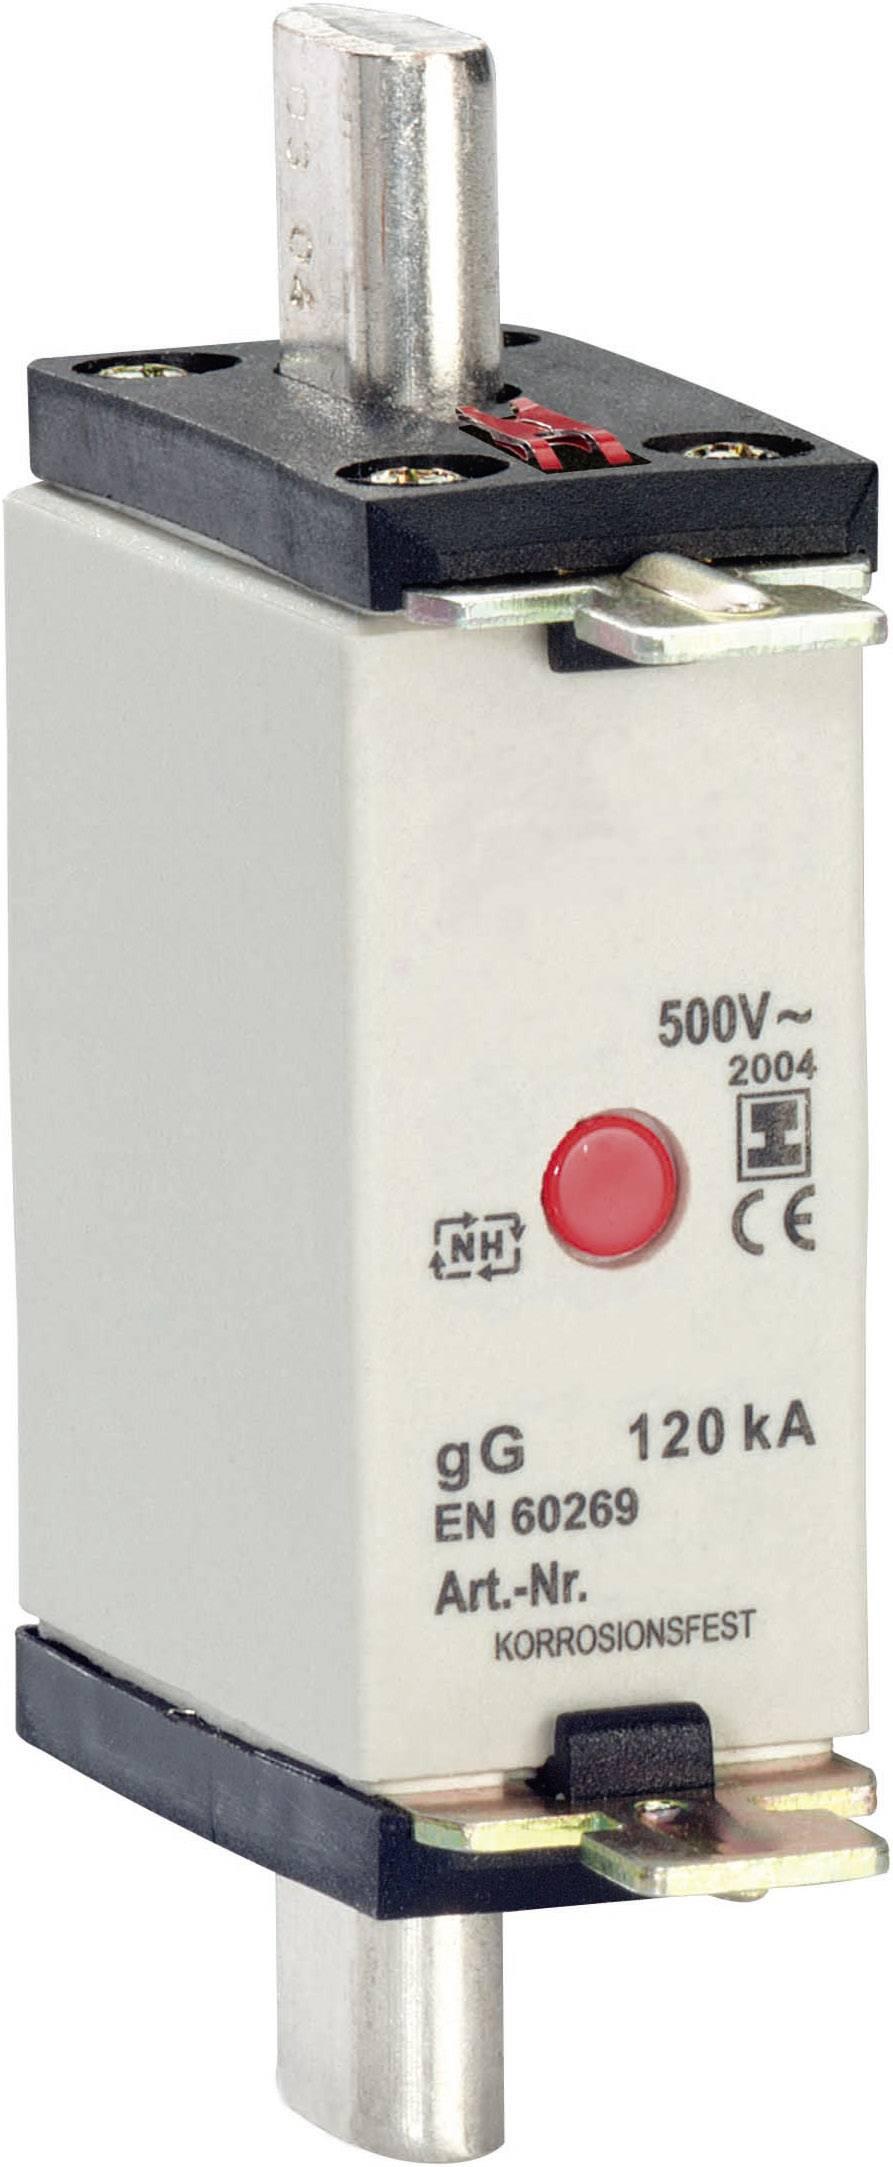 NH poistka Bals Elektrotechnik 93002, veľkosť poistky 000, 32 A, 500 V/AC